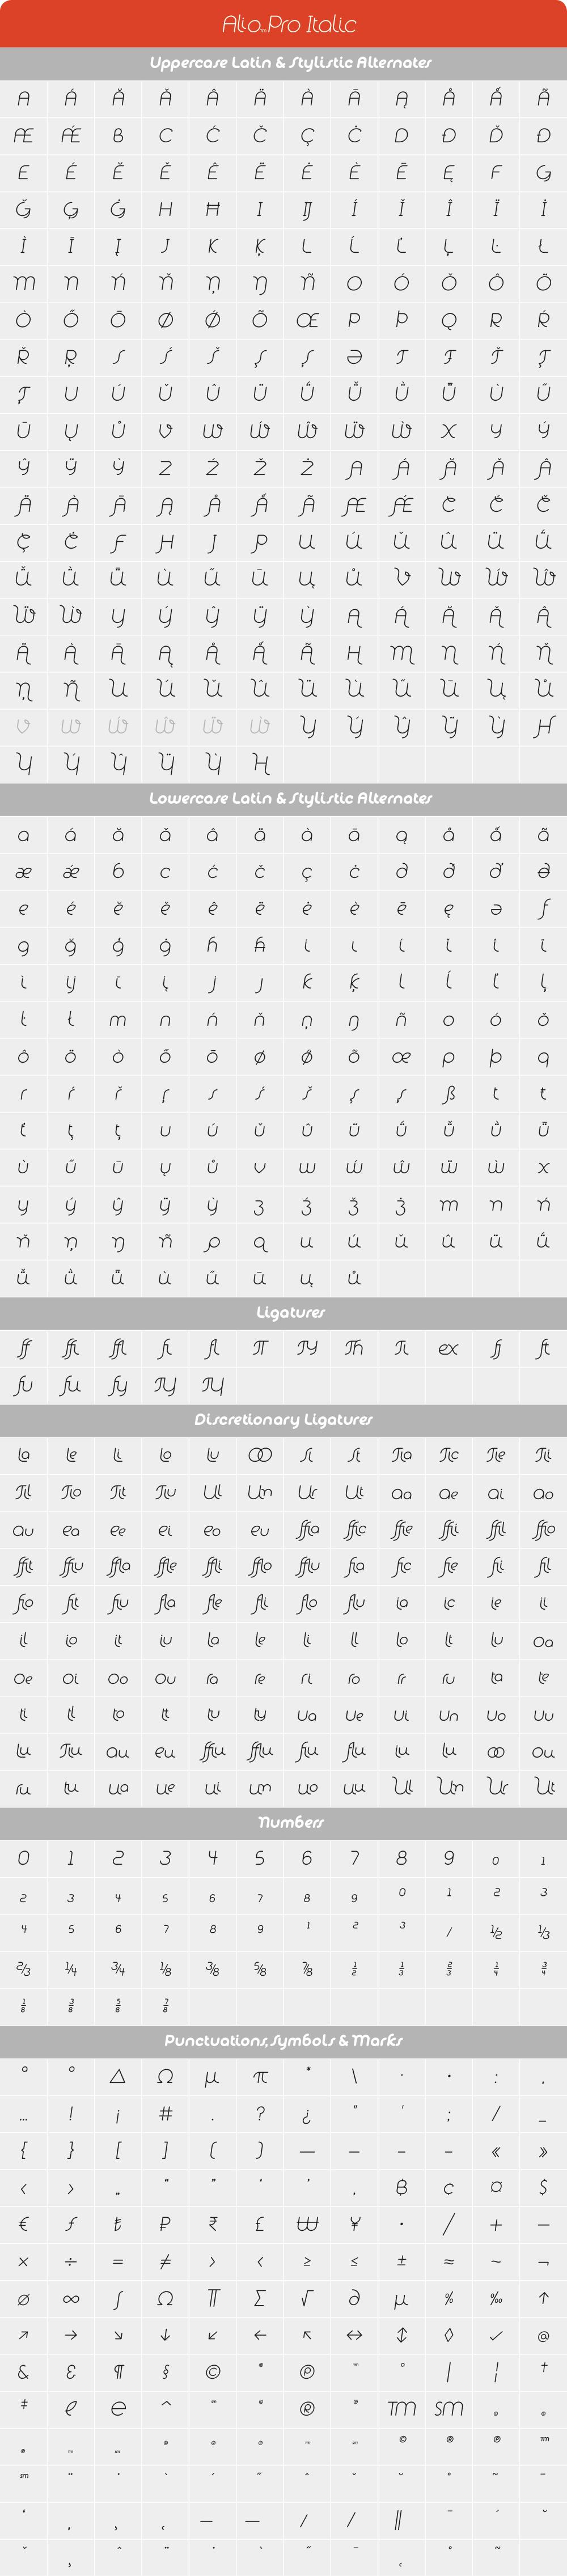 Alio Pro Italic Glyph Set